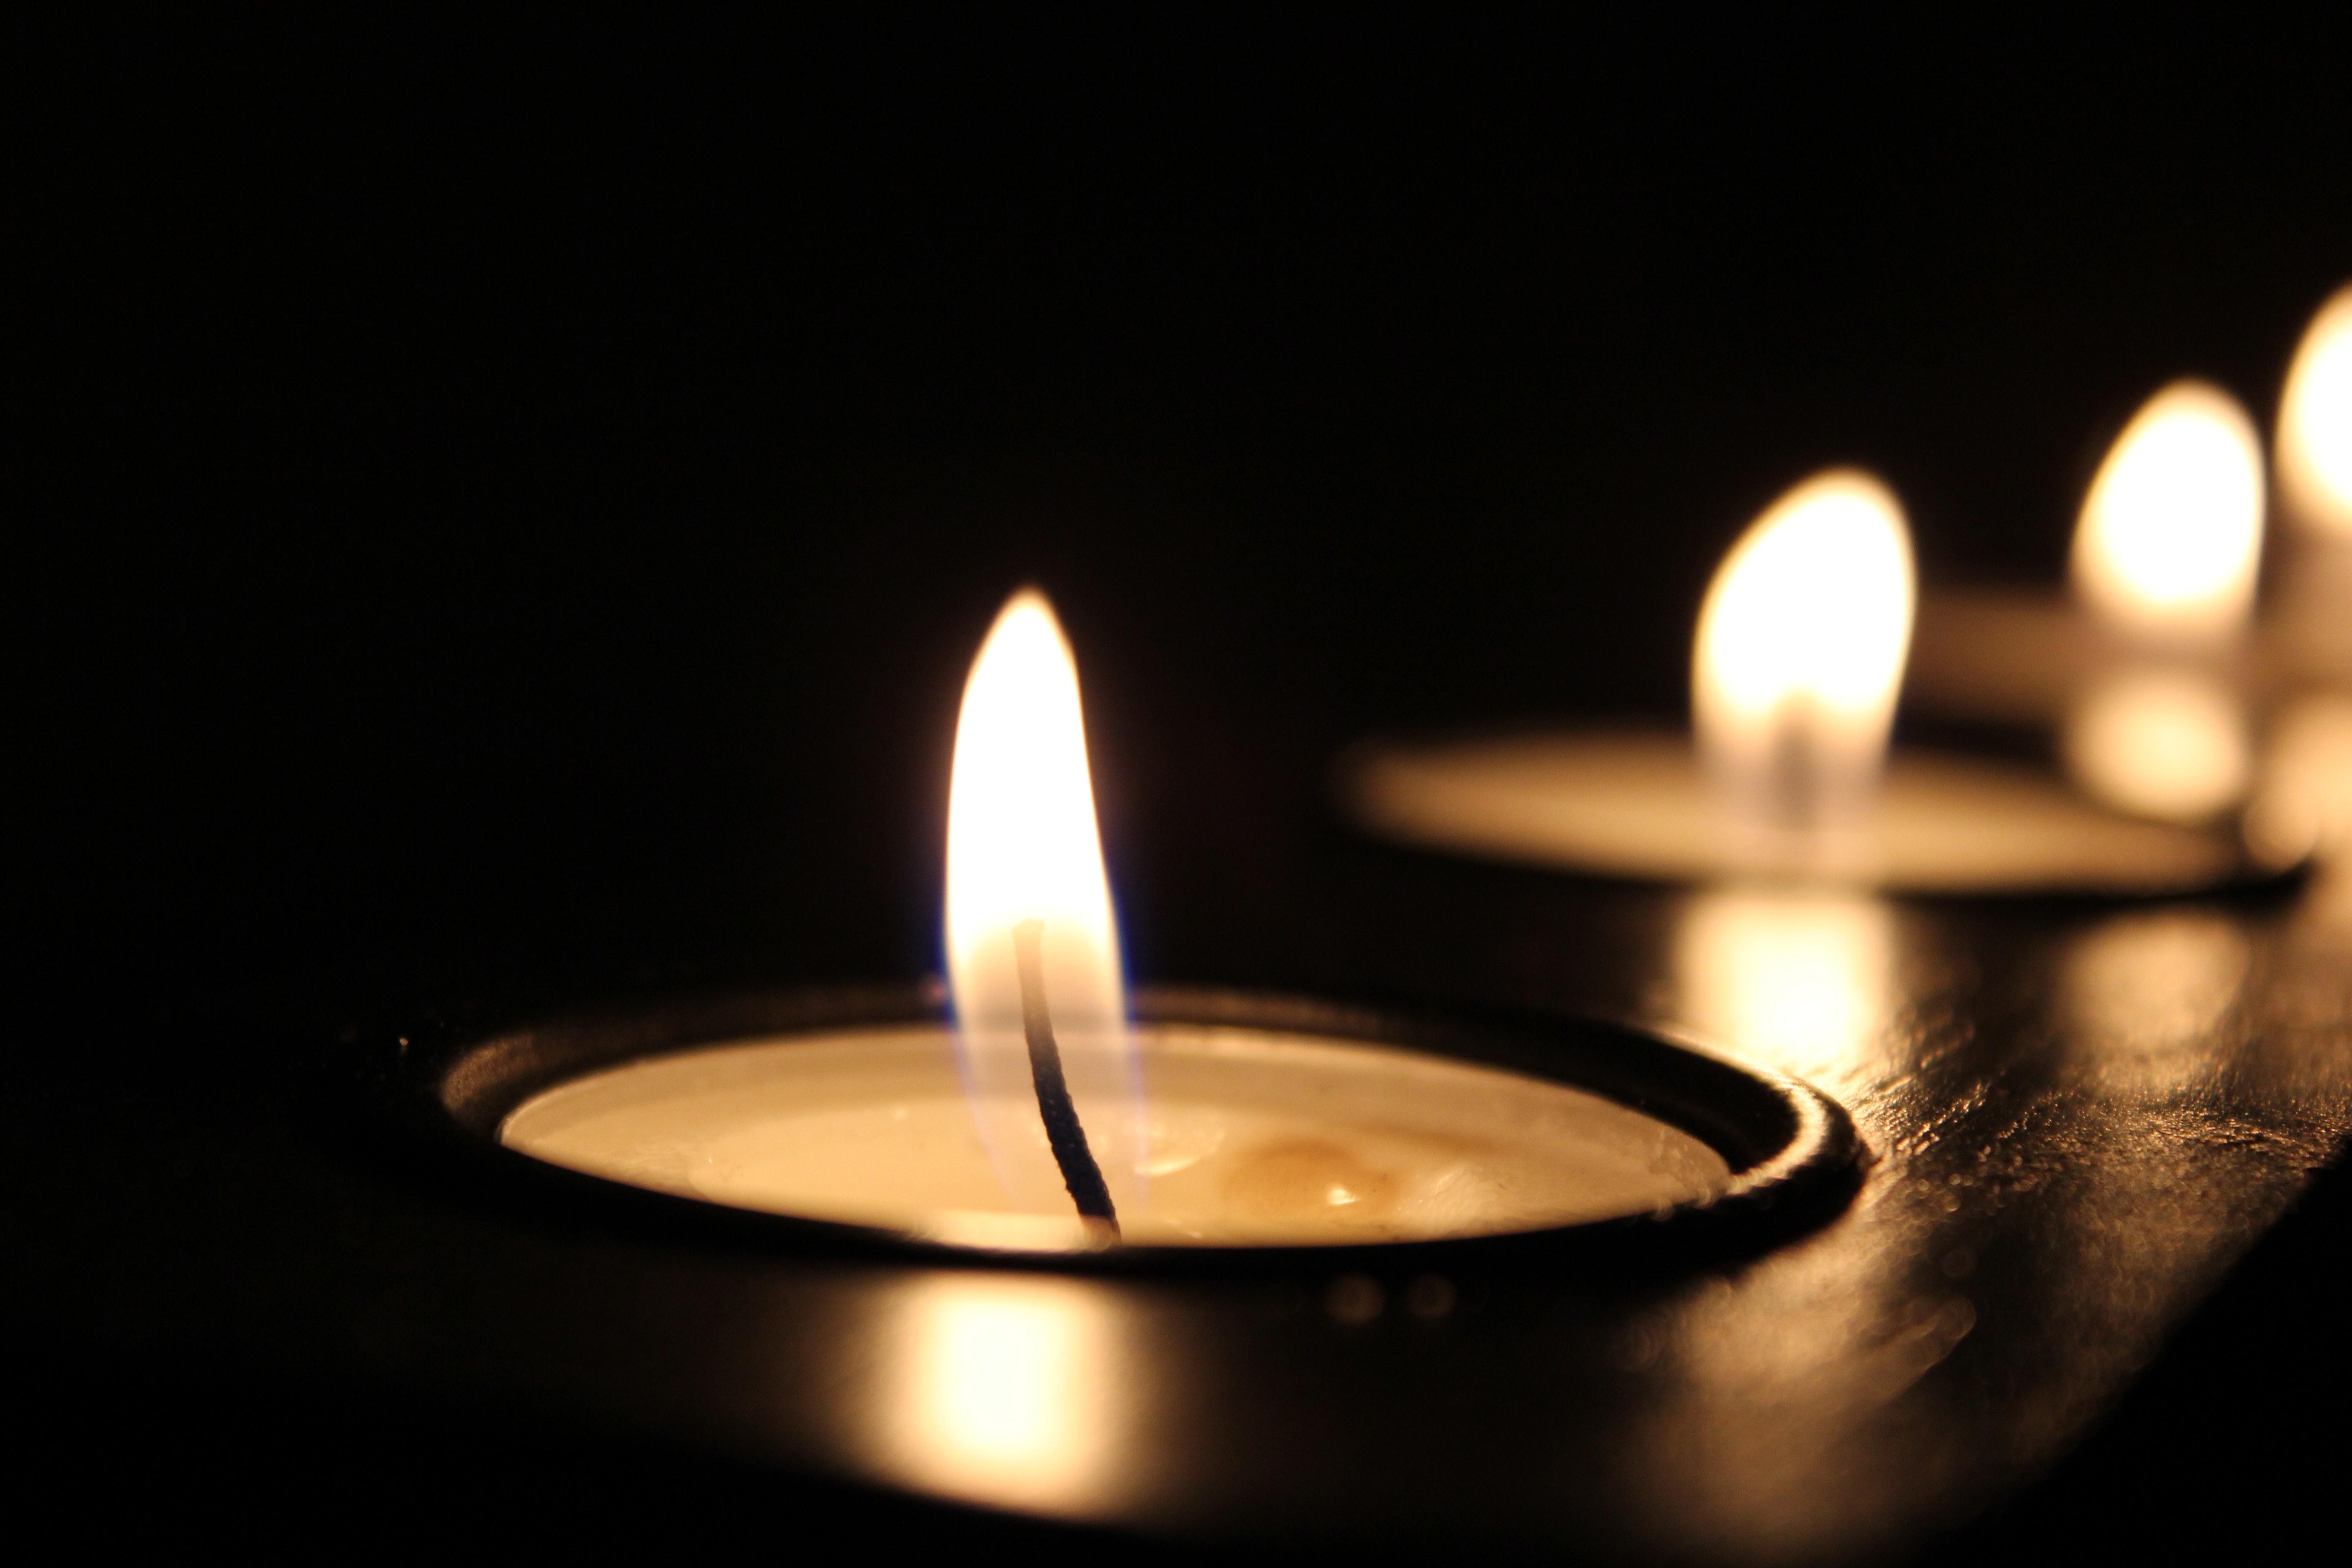 200 Amazing Candle Photos Pexels Free Stock